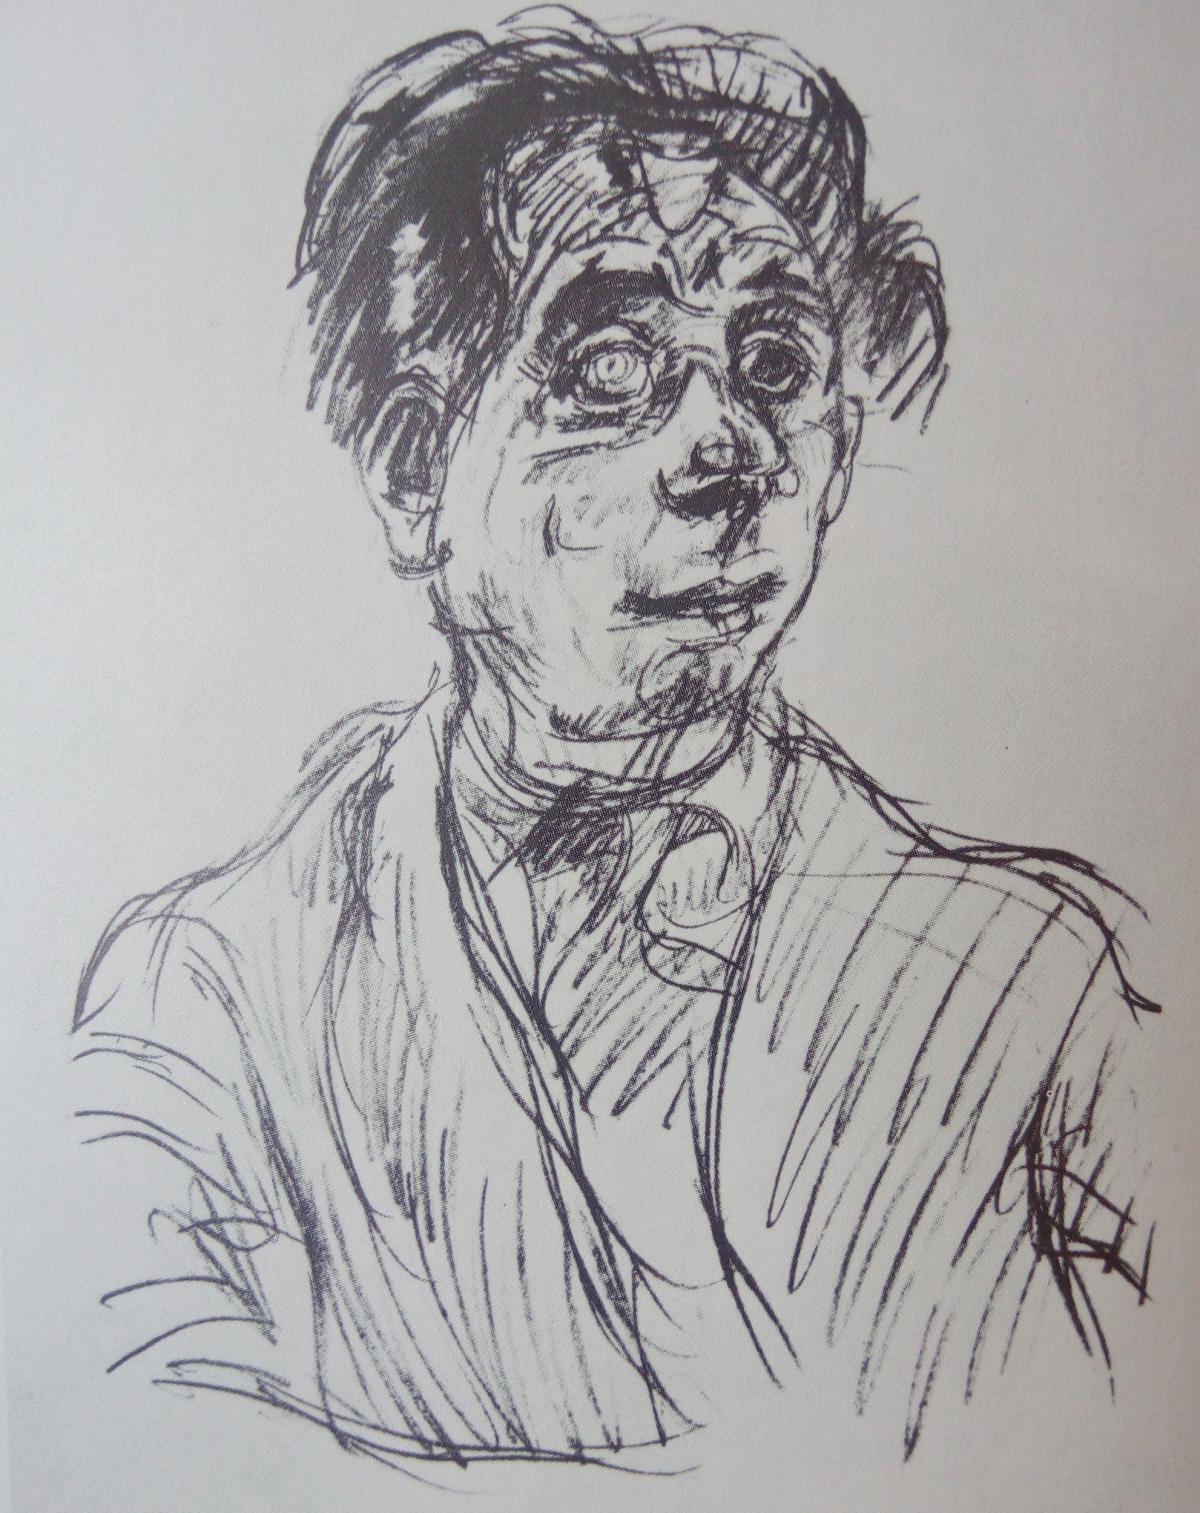 Oskar Kokoschka / Portrét Maxe Reinhardta